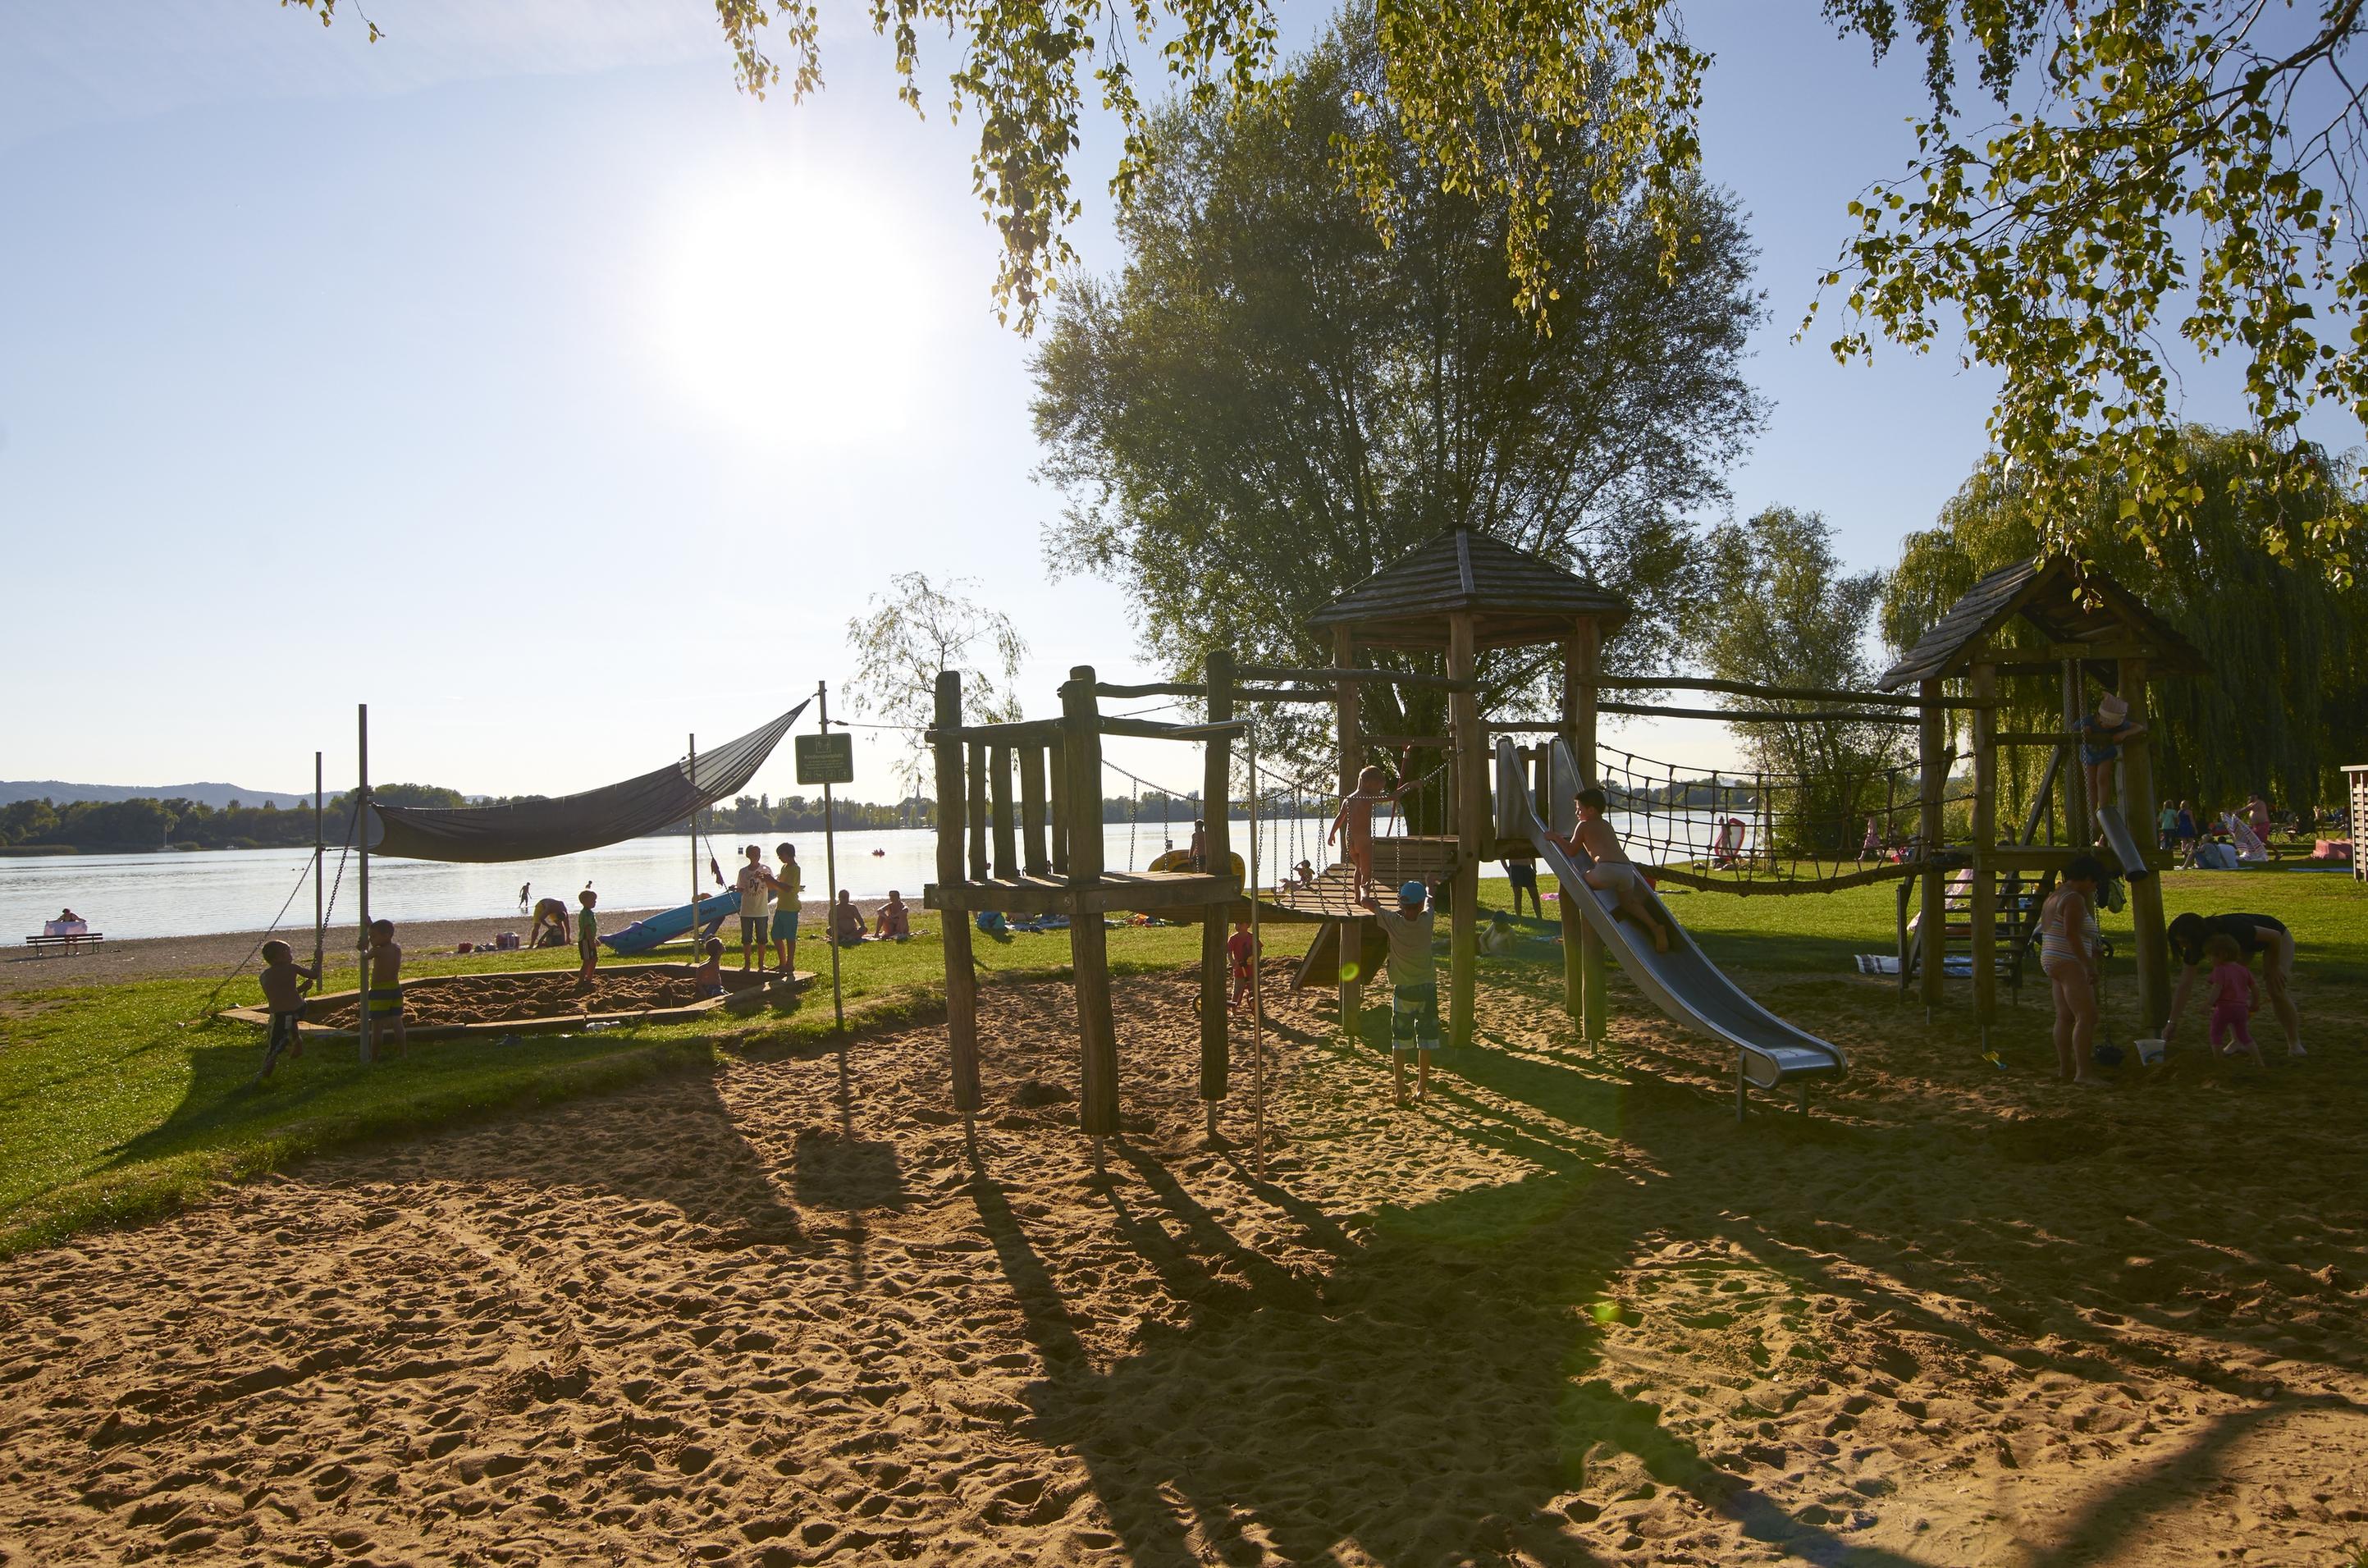 Spielplatz am Strandbad und Campingplatz Markelfingen